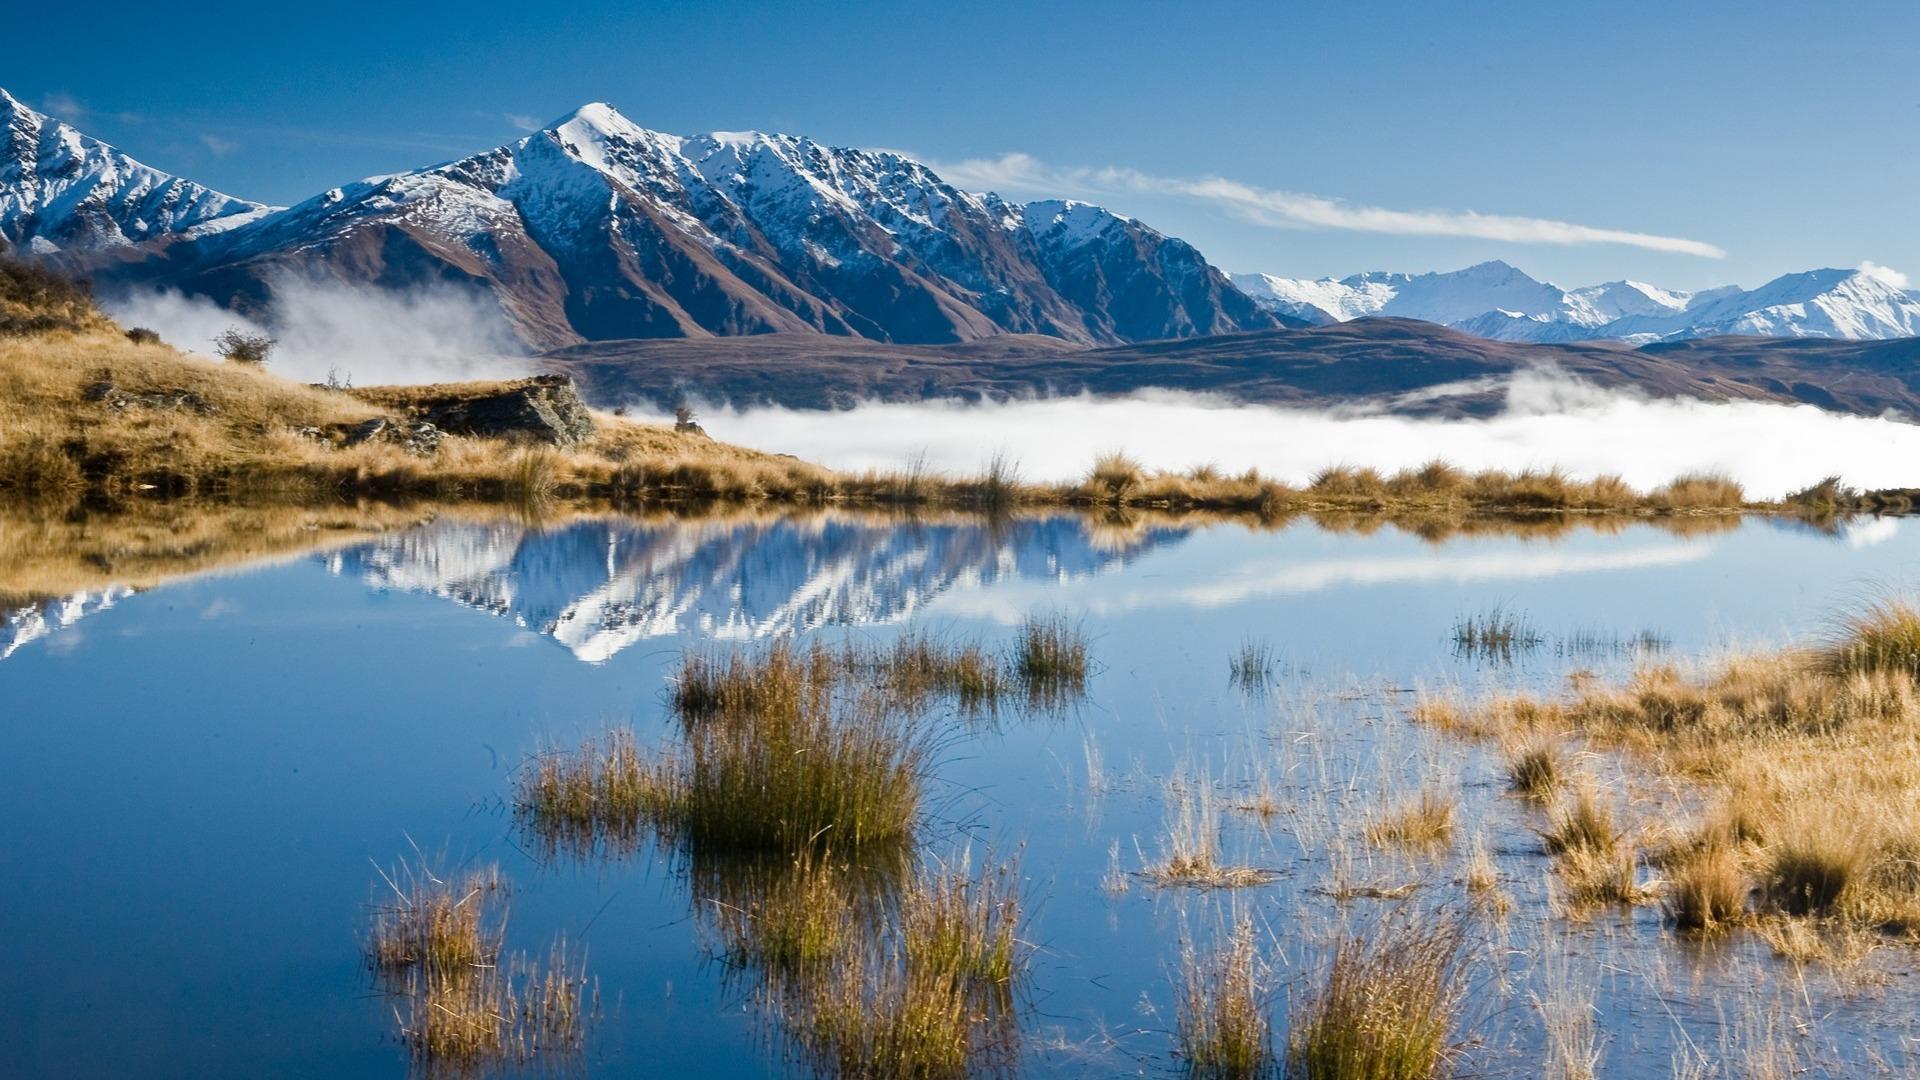 Souvent Nouvelle-Zélande papier peint paysage pittoresque #1 - 1920x1080  IA95